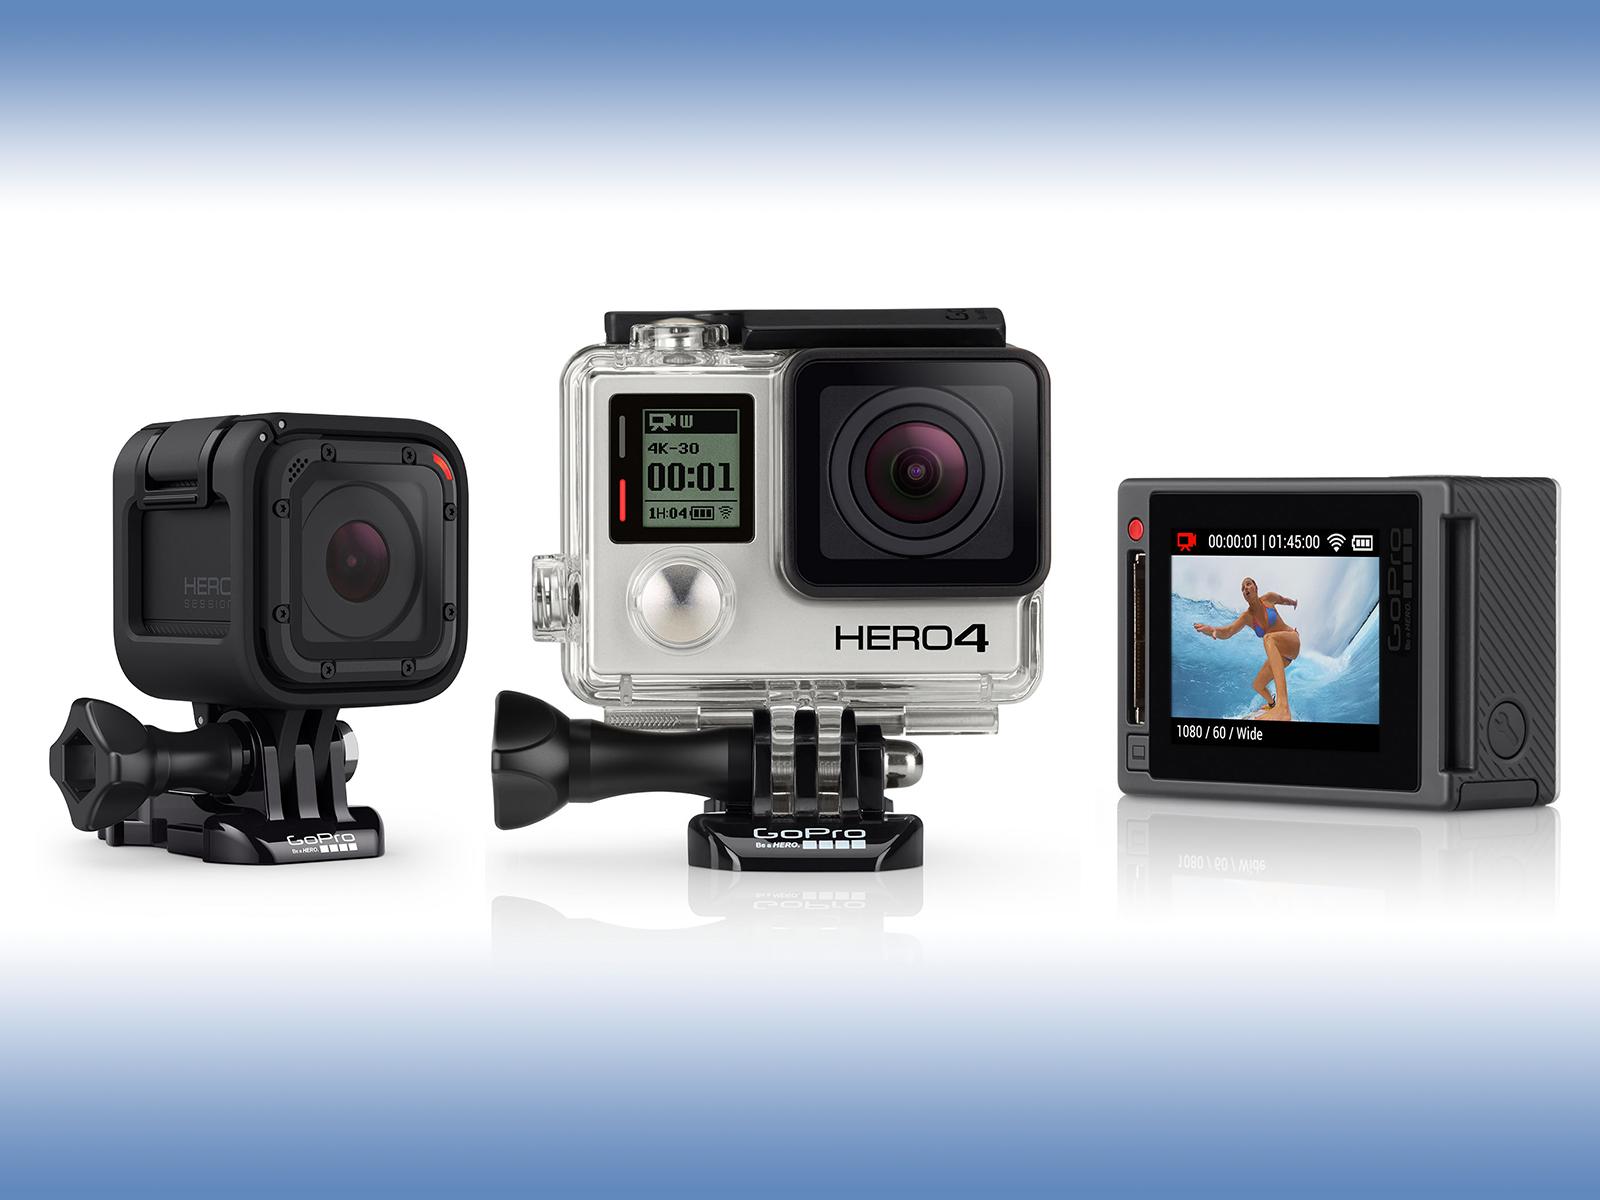 GoProシリーズどれを選べばいい?2016夏版